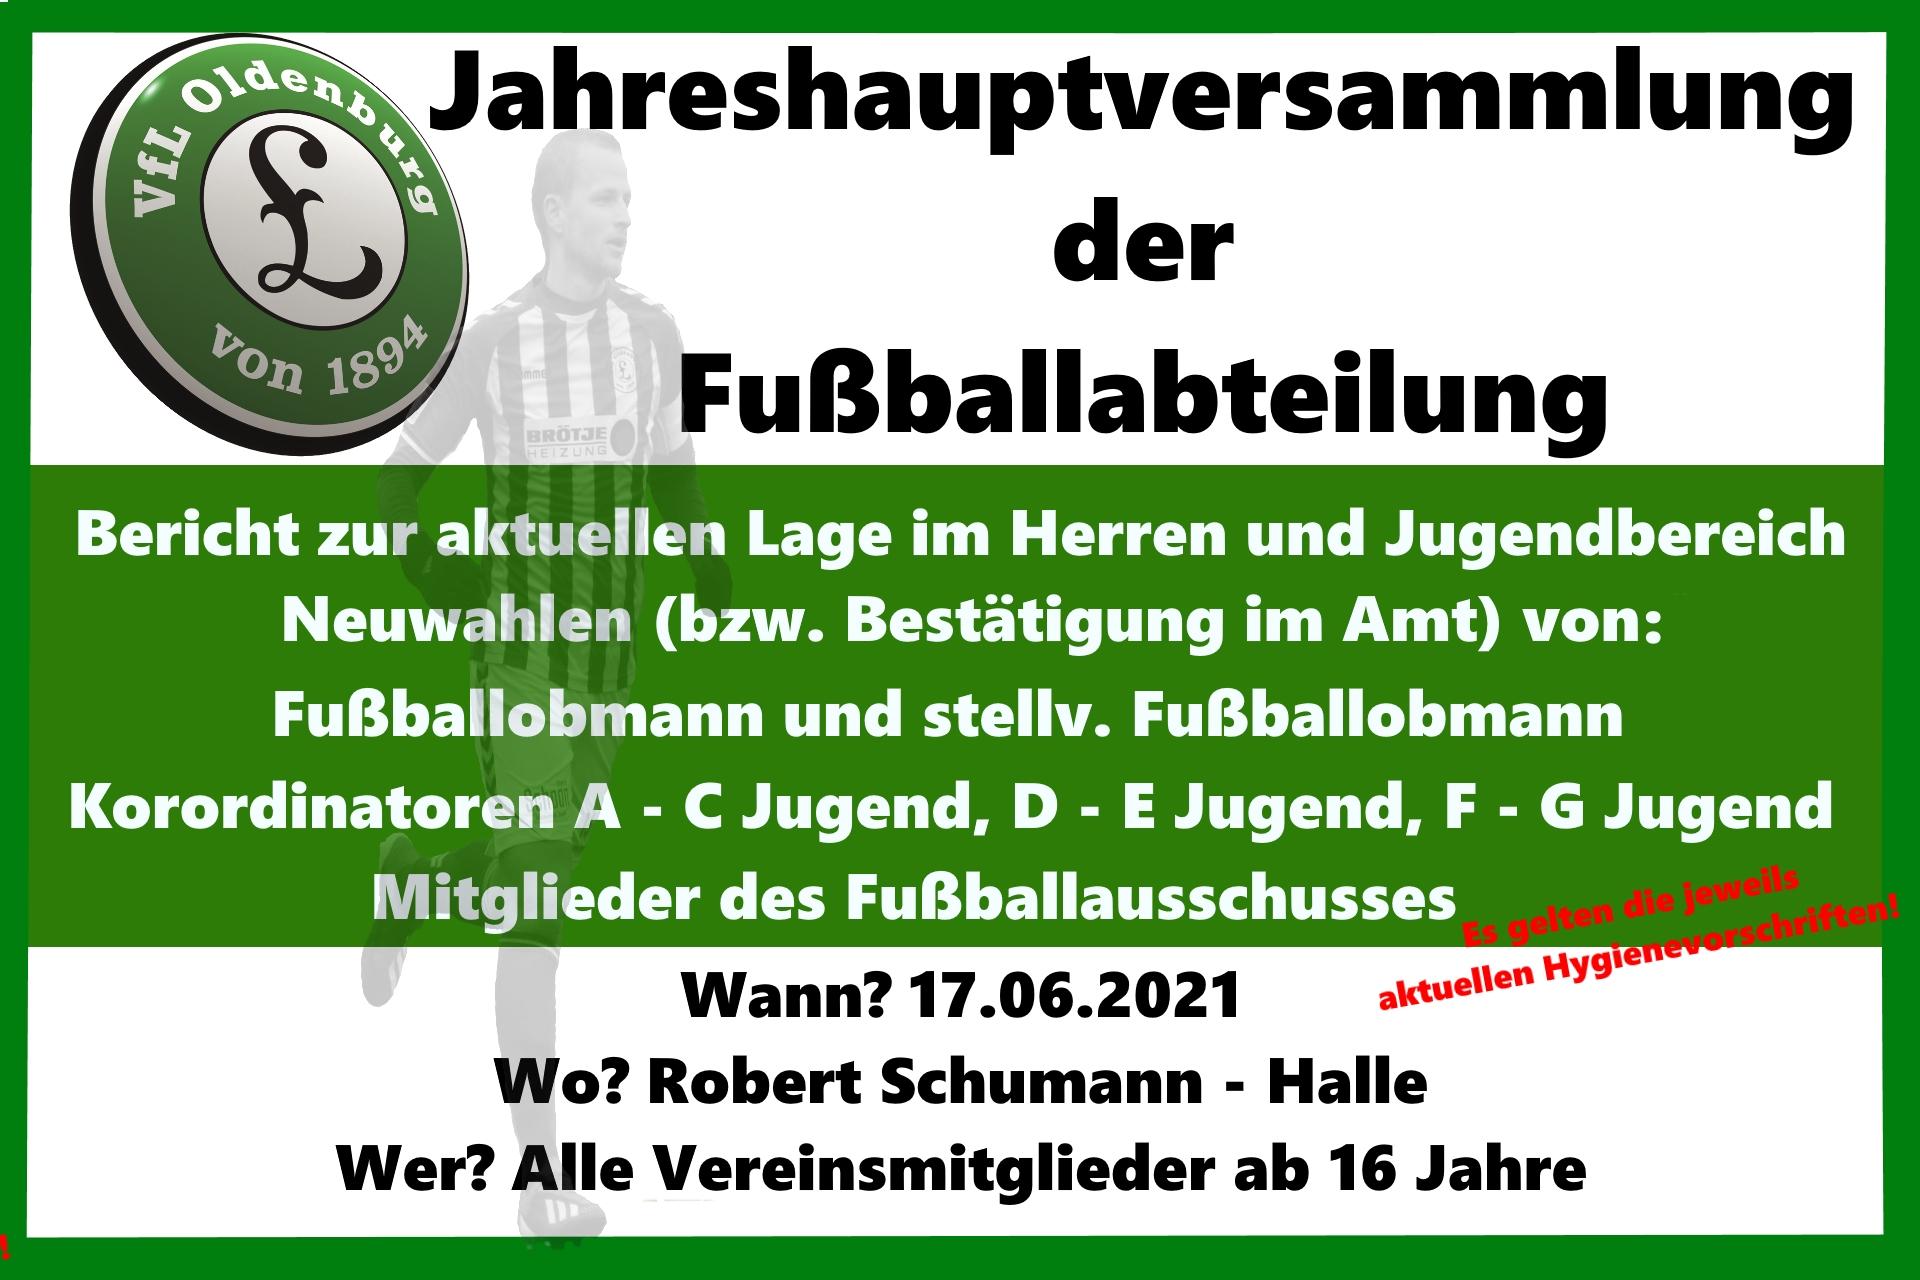 Jahreshauptversammlung der Fußballabteilung